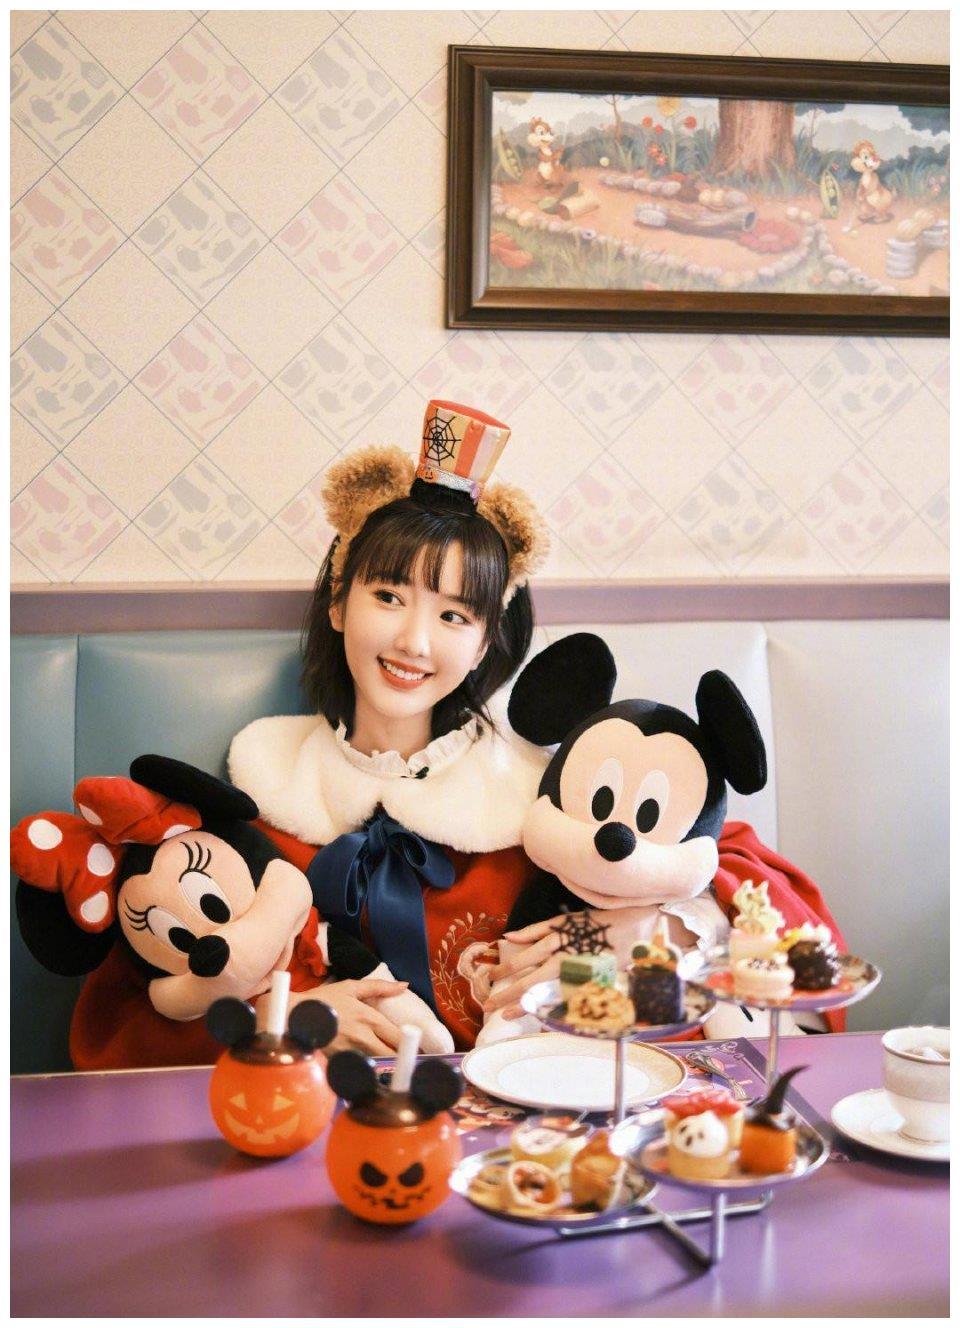 毛晓彤迪士尼公主造型来袭,齐刘海短发配红色宝宝服,俏皮又可爱